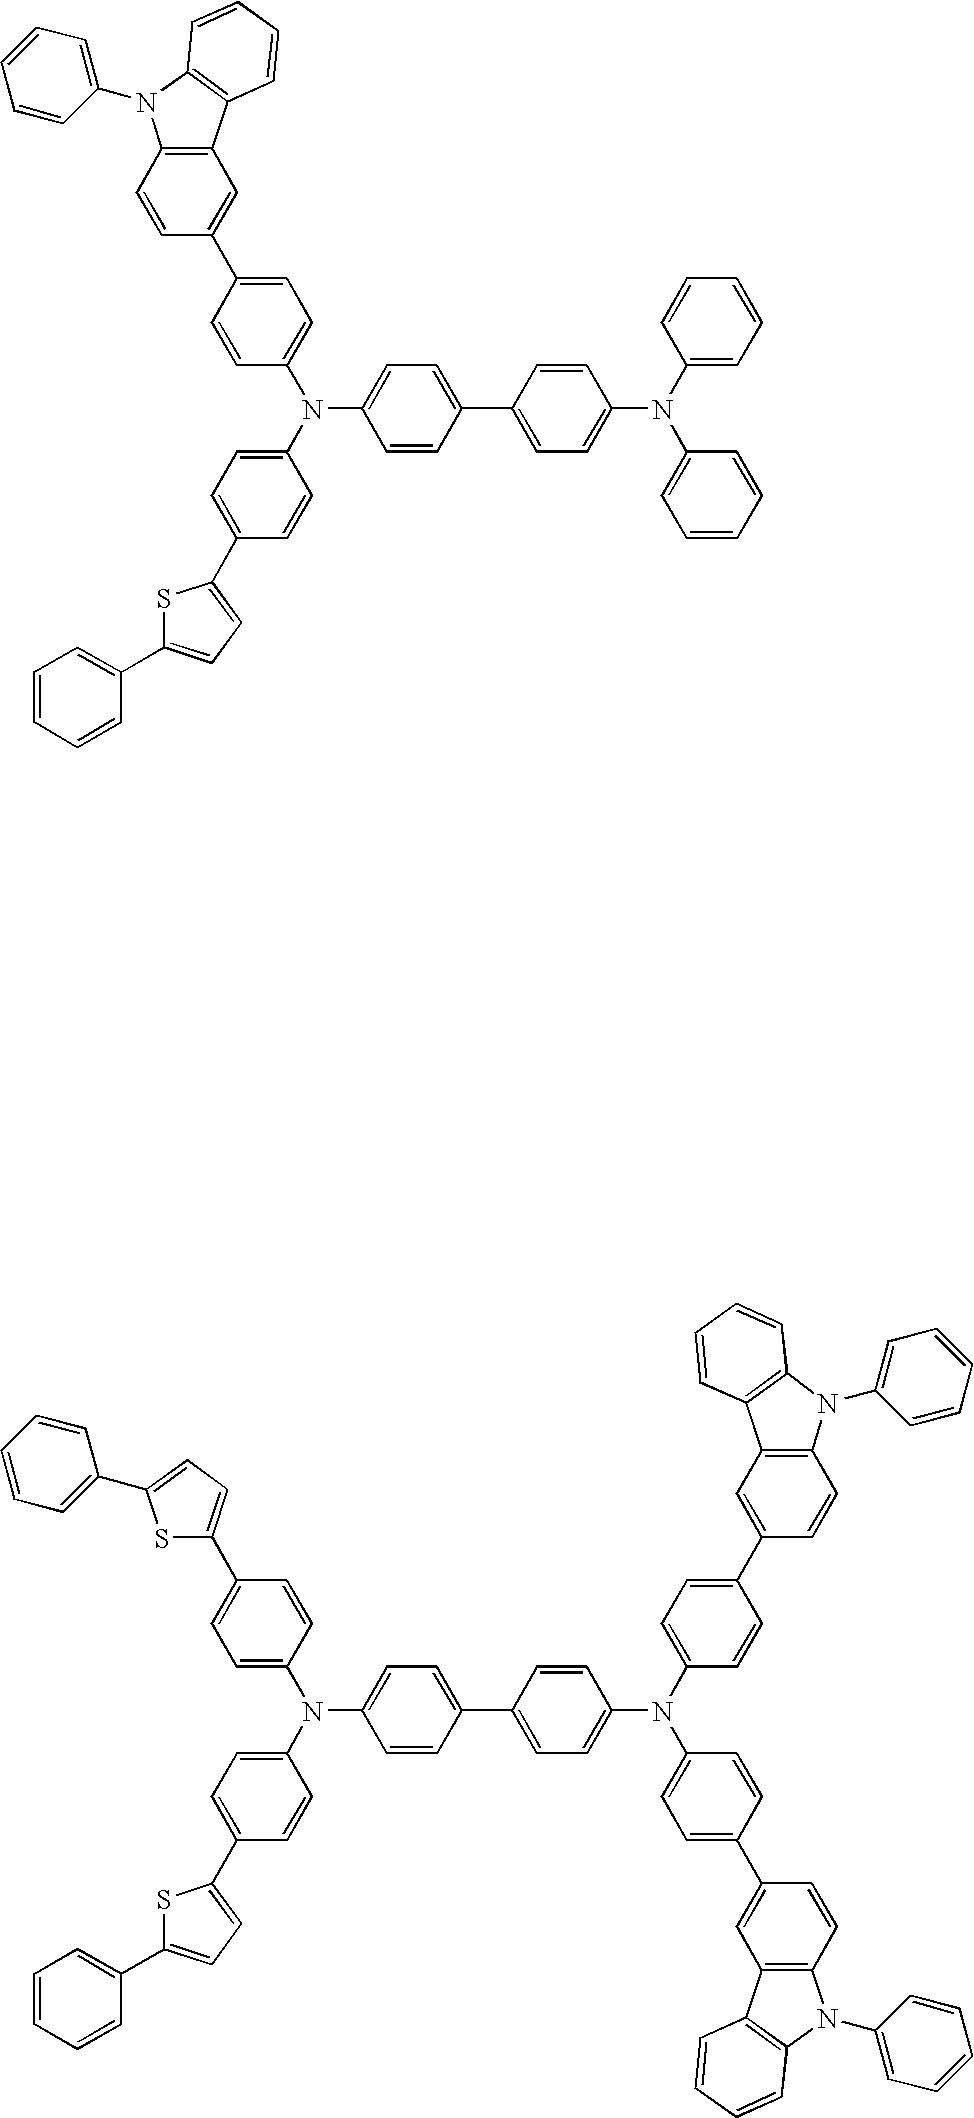 Figure US20090066235A1-20090312-C00030